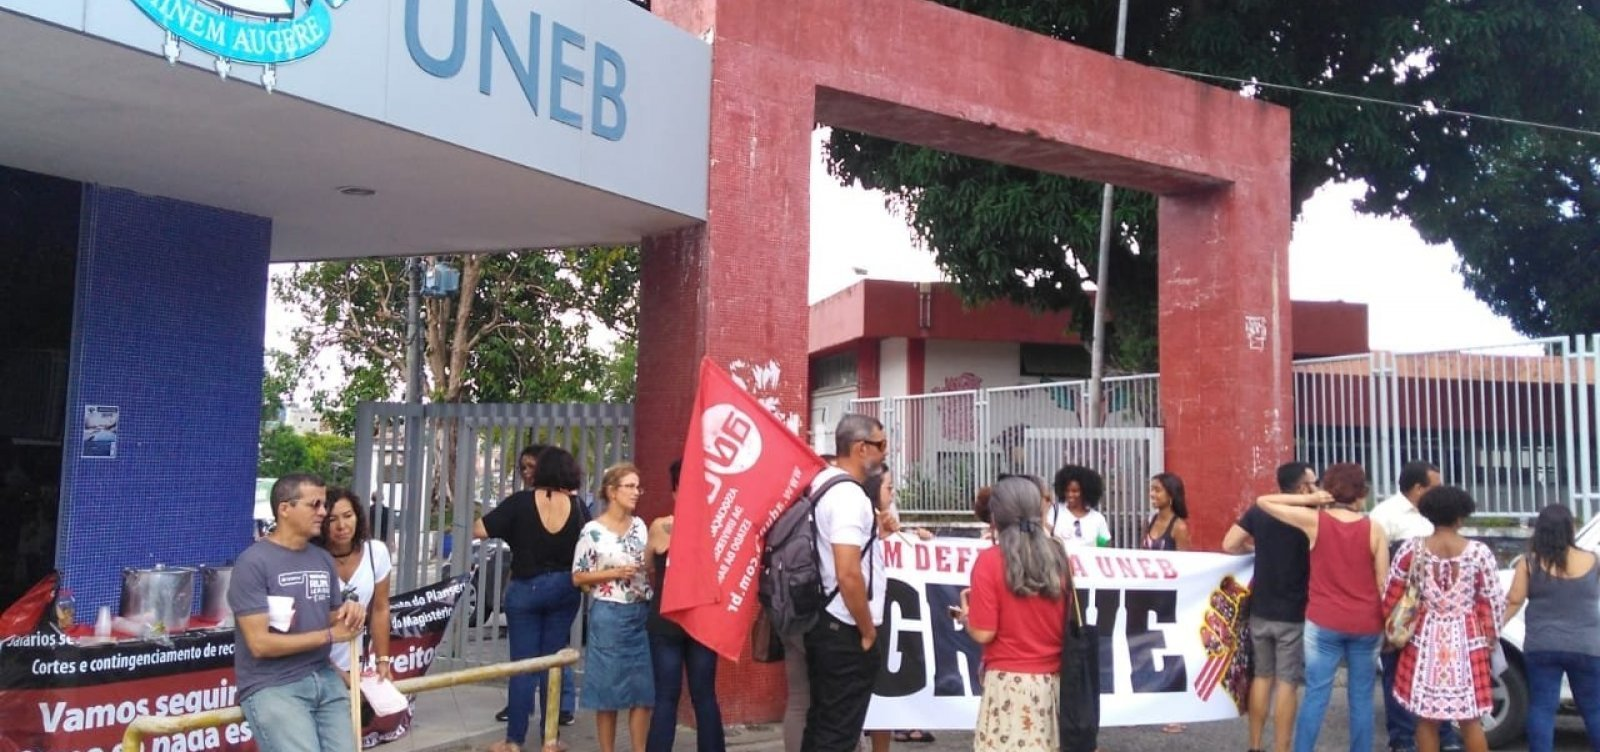 Rui decide cortar salário de professores das universidades estaduais em greve